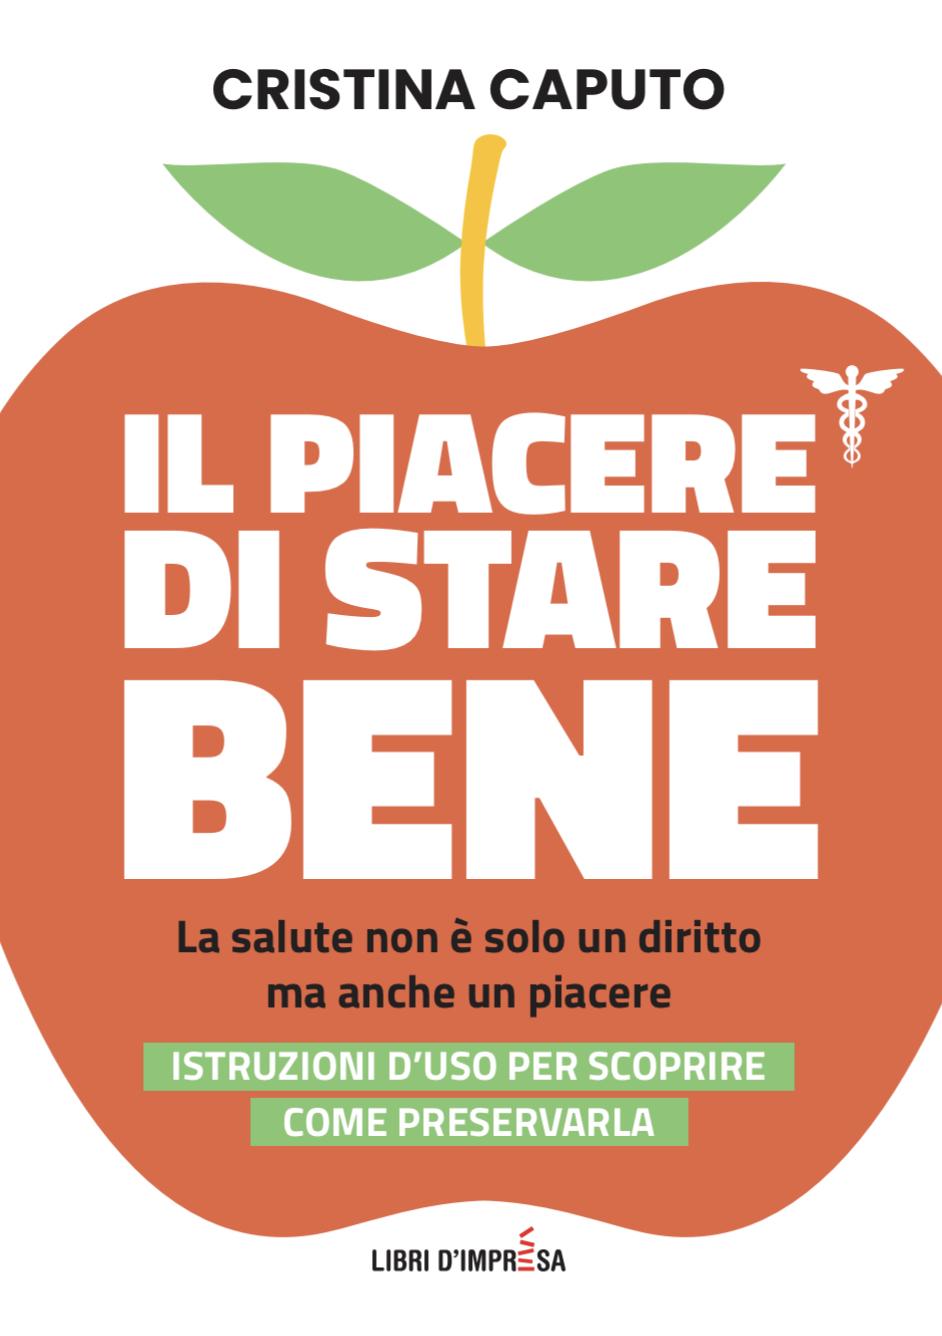 Il Piacere di Stare Bene - libro Cristina Caputo - Libri d'Impresa